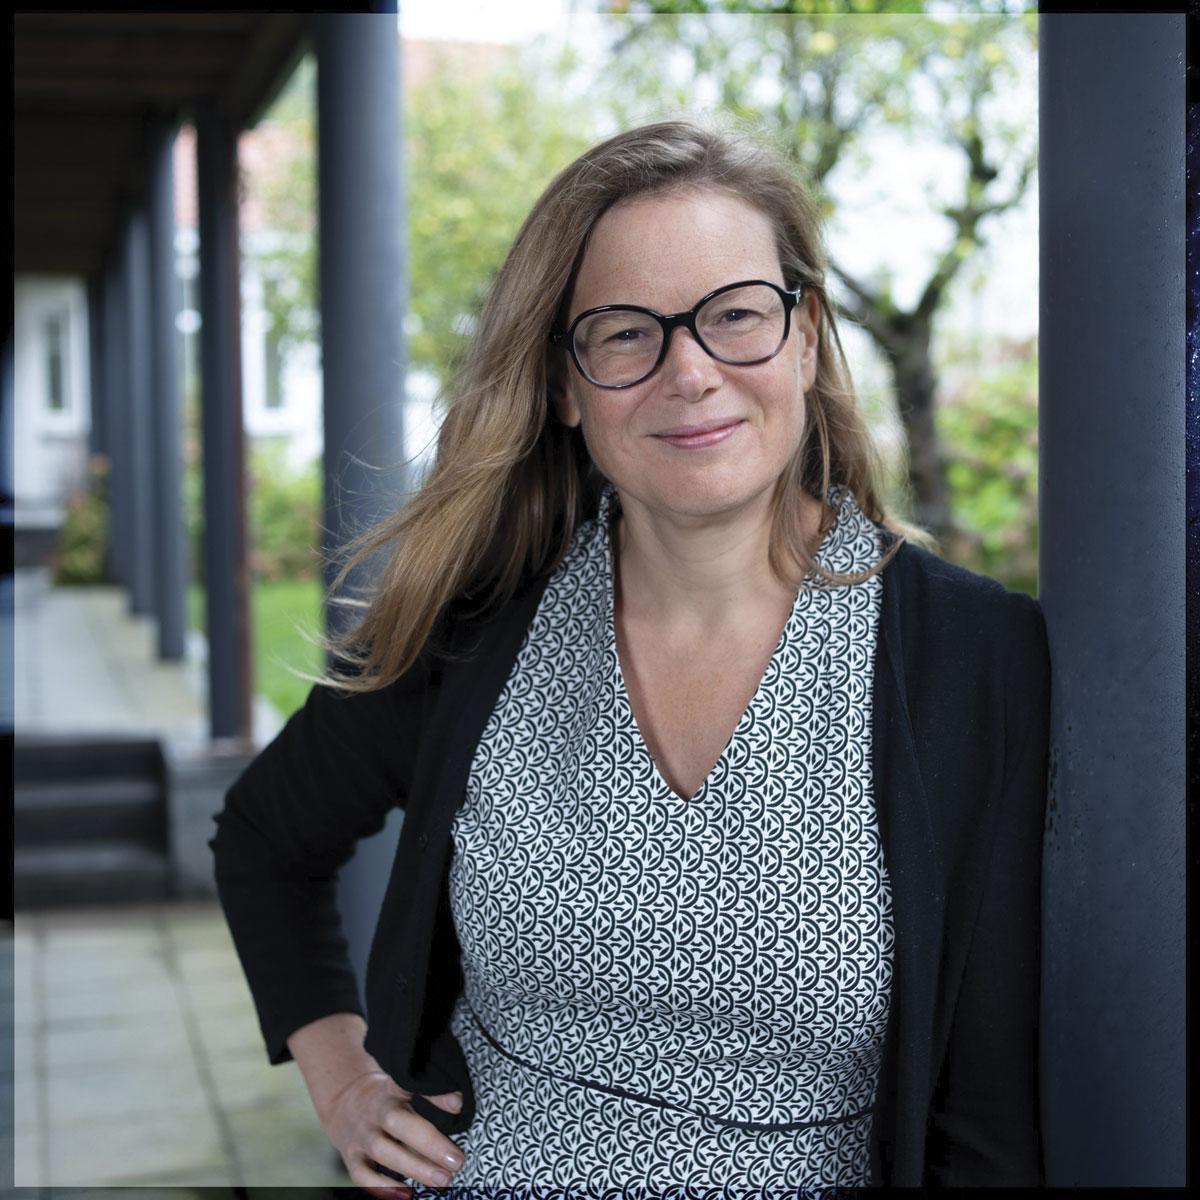 """Dr Caroline Depuydt: """"Le médecin """"2.0"""" veut du temps pour lui, il veut une vie privée. Il a plus d'obligations, de contrôle sur son activité et d'agressivité de la part des patients. Donc il revendique du temps pour lui-même."""", Thierry Strickaert"""